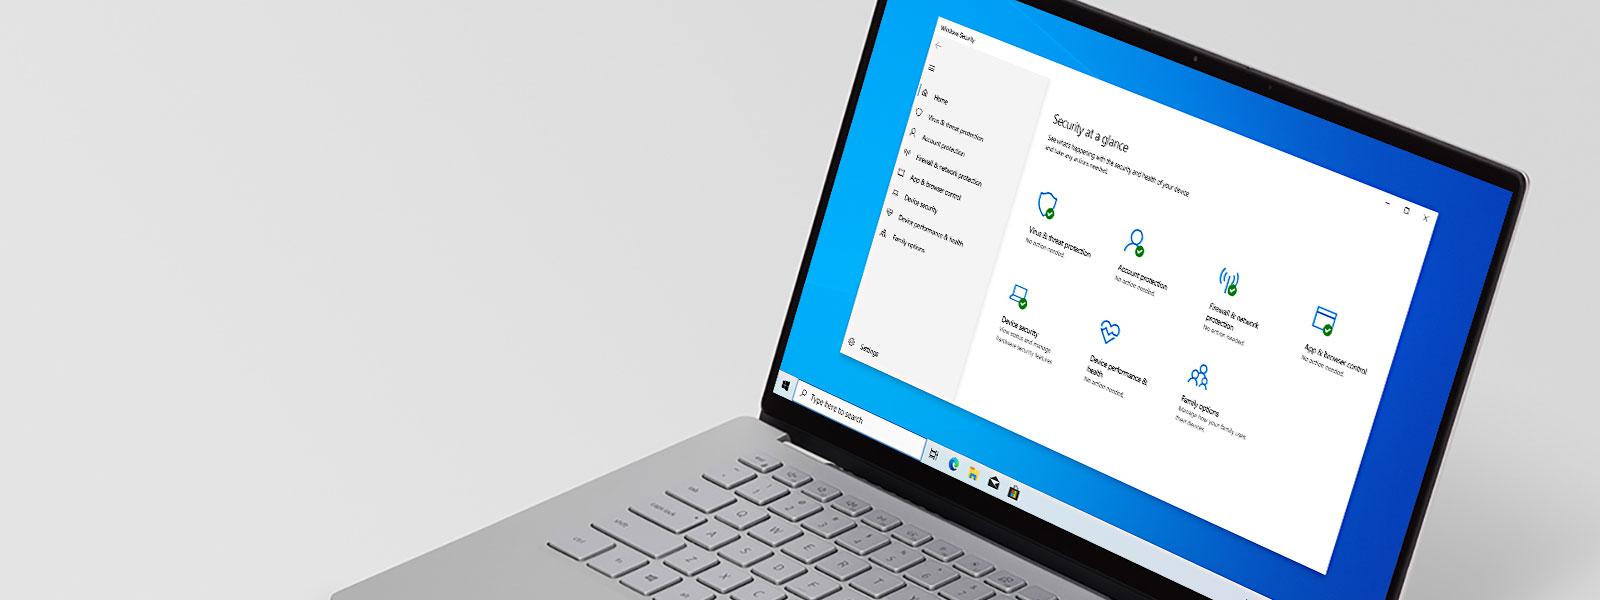 Φορητός υπολογιστής Windows 10 που εμφανίζει το παράθυρο προστασίας του Microsoft Defender από ιούς